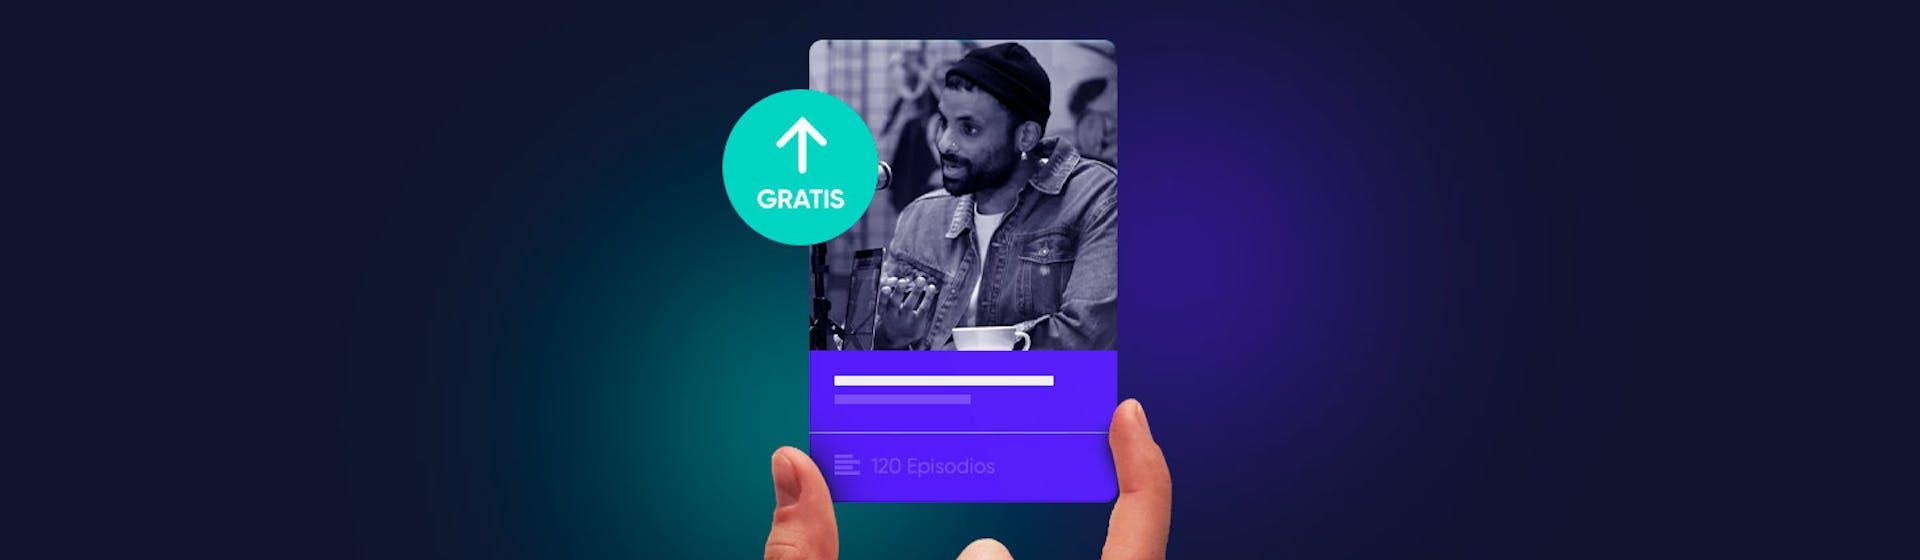 +10 plataformas para subir podcasts gratis ¡Crea contenido sin excusas ni deudas!